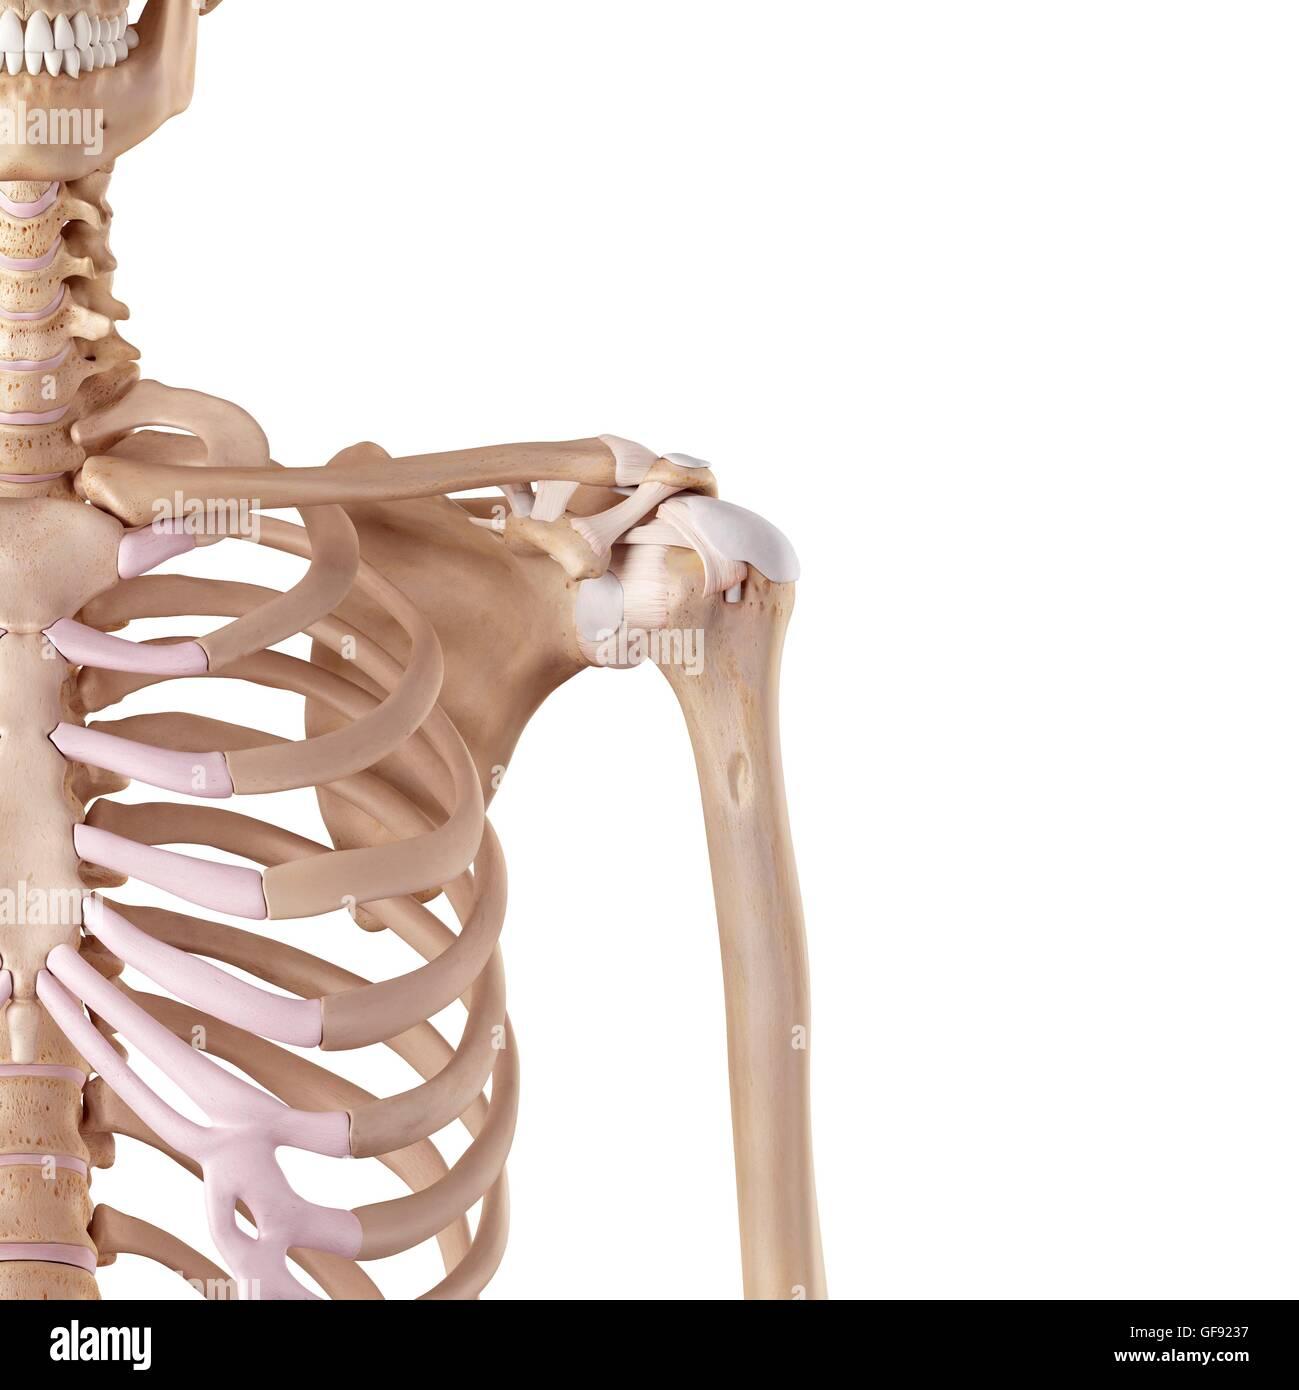 Shoulder Ligaments Stock Photos Shoulder Ligaments Stock Images